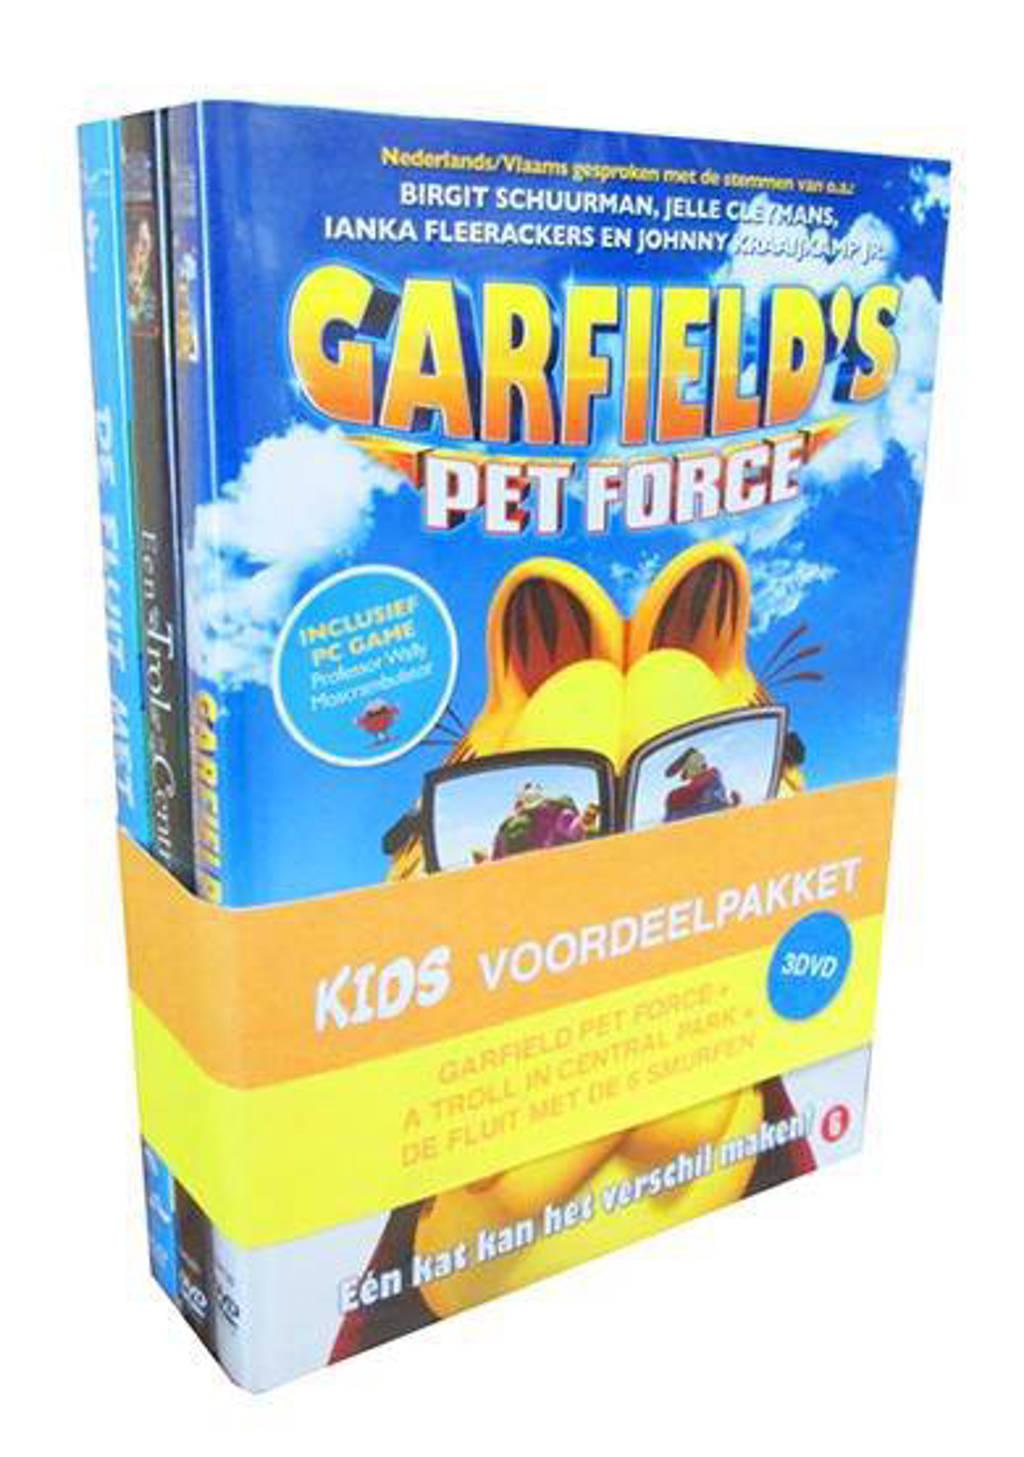 Kids voordeel pakket (DVD)